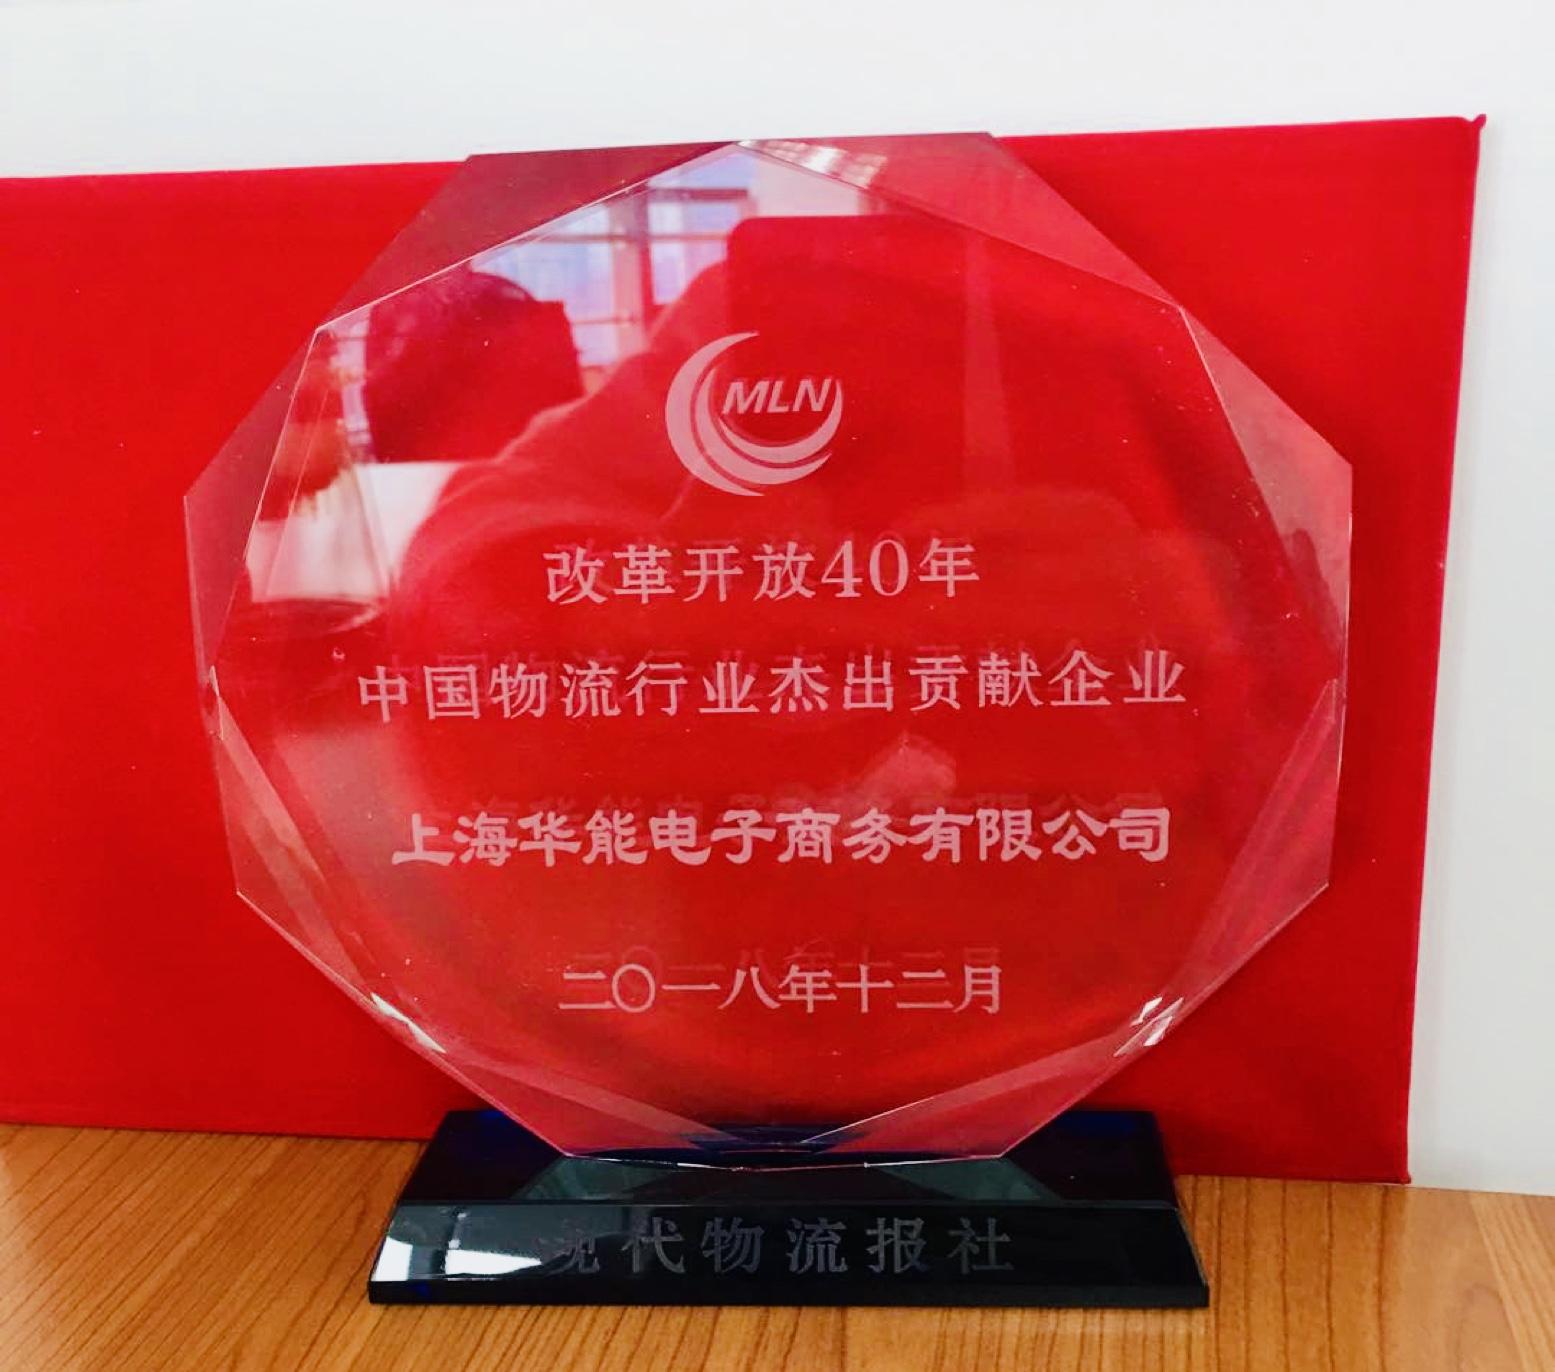 改革開放40年·中國物流行業杰出貢獻企業